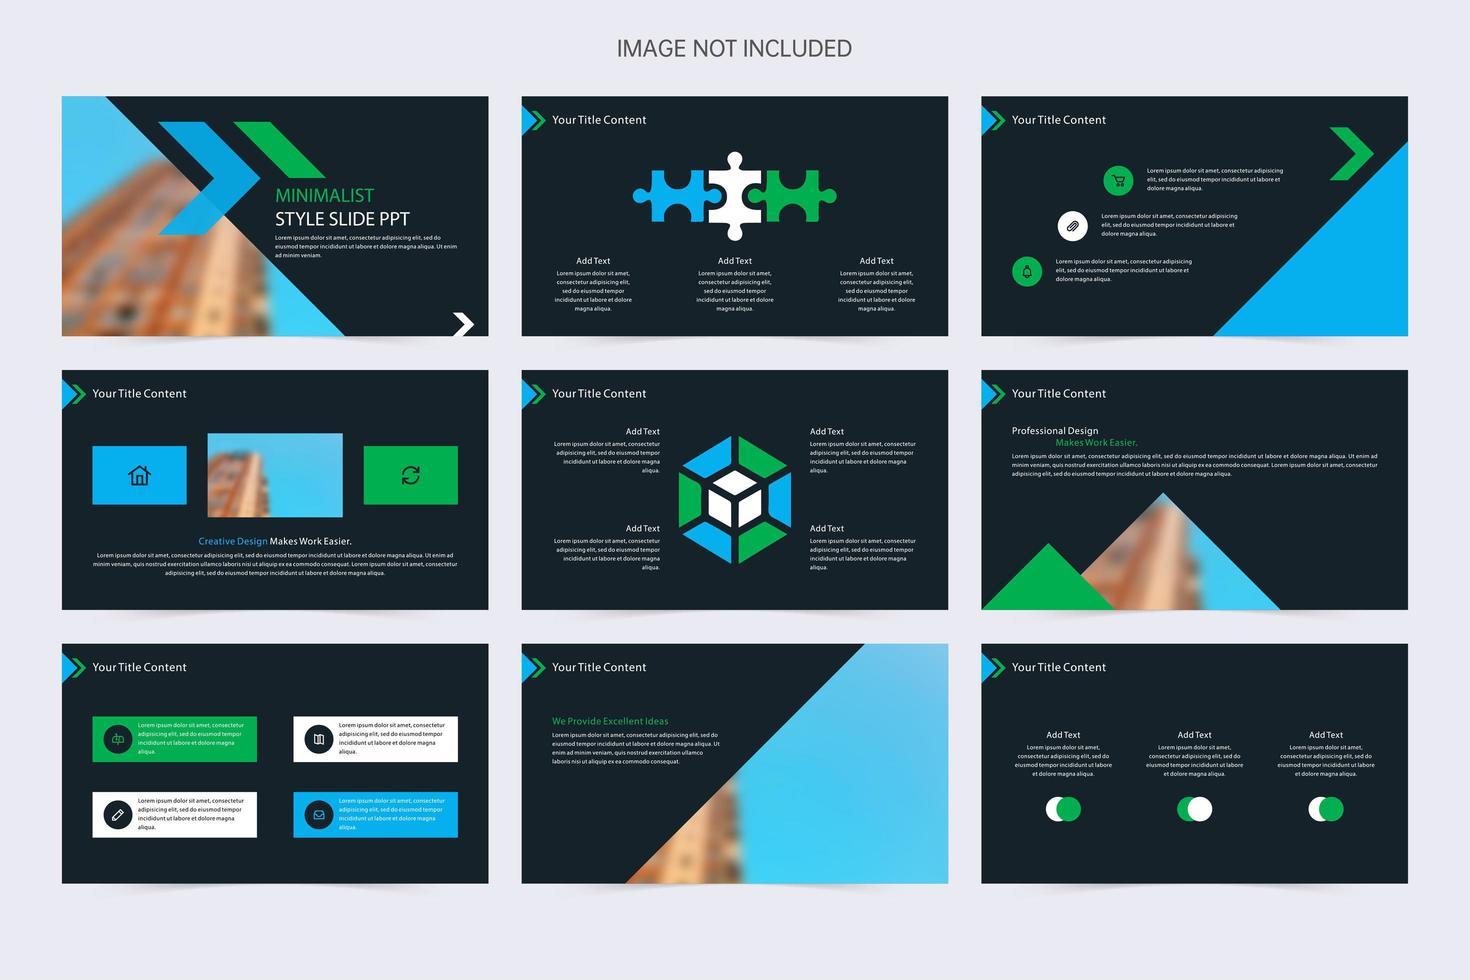 elementos minimalistas de presentación de diapositivas azul, verde y negro vector